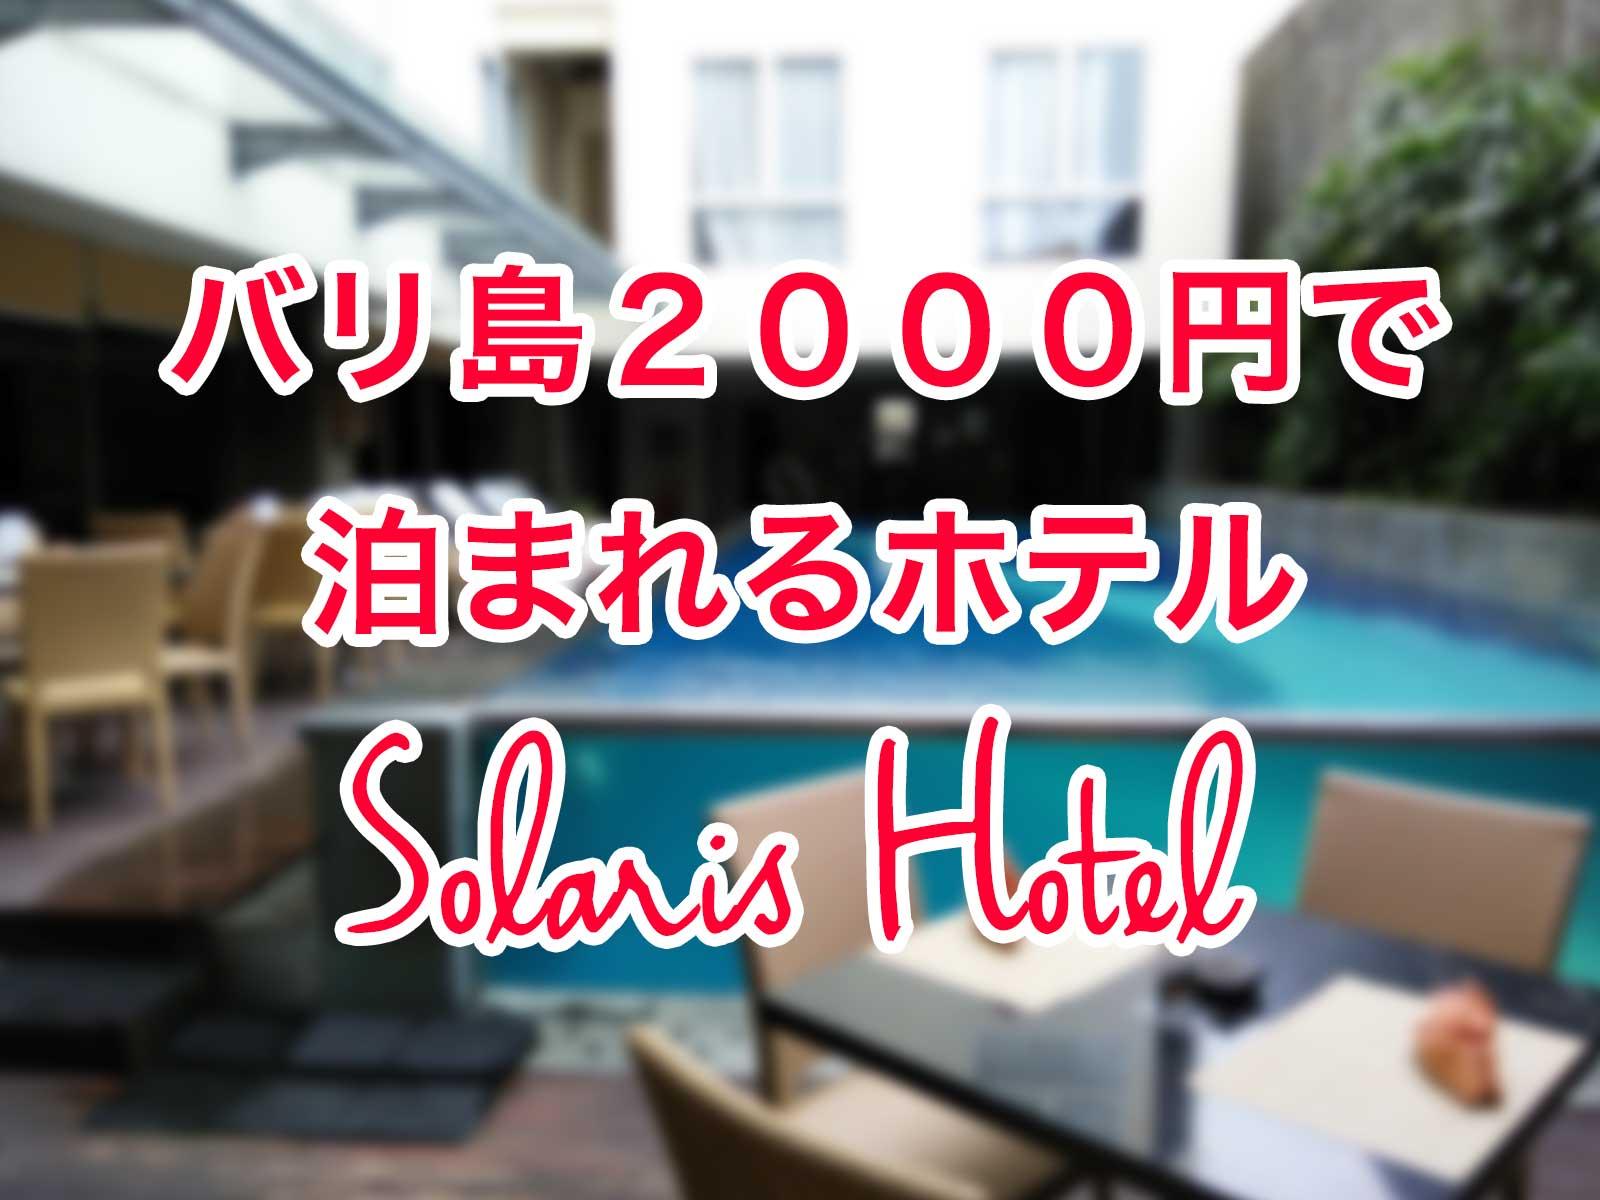 バリ島二千円で泊まれるホテルSolarisHotelKuta